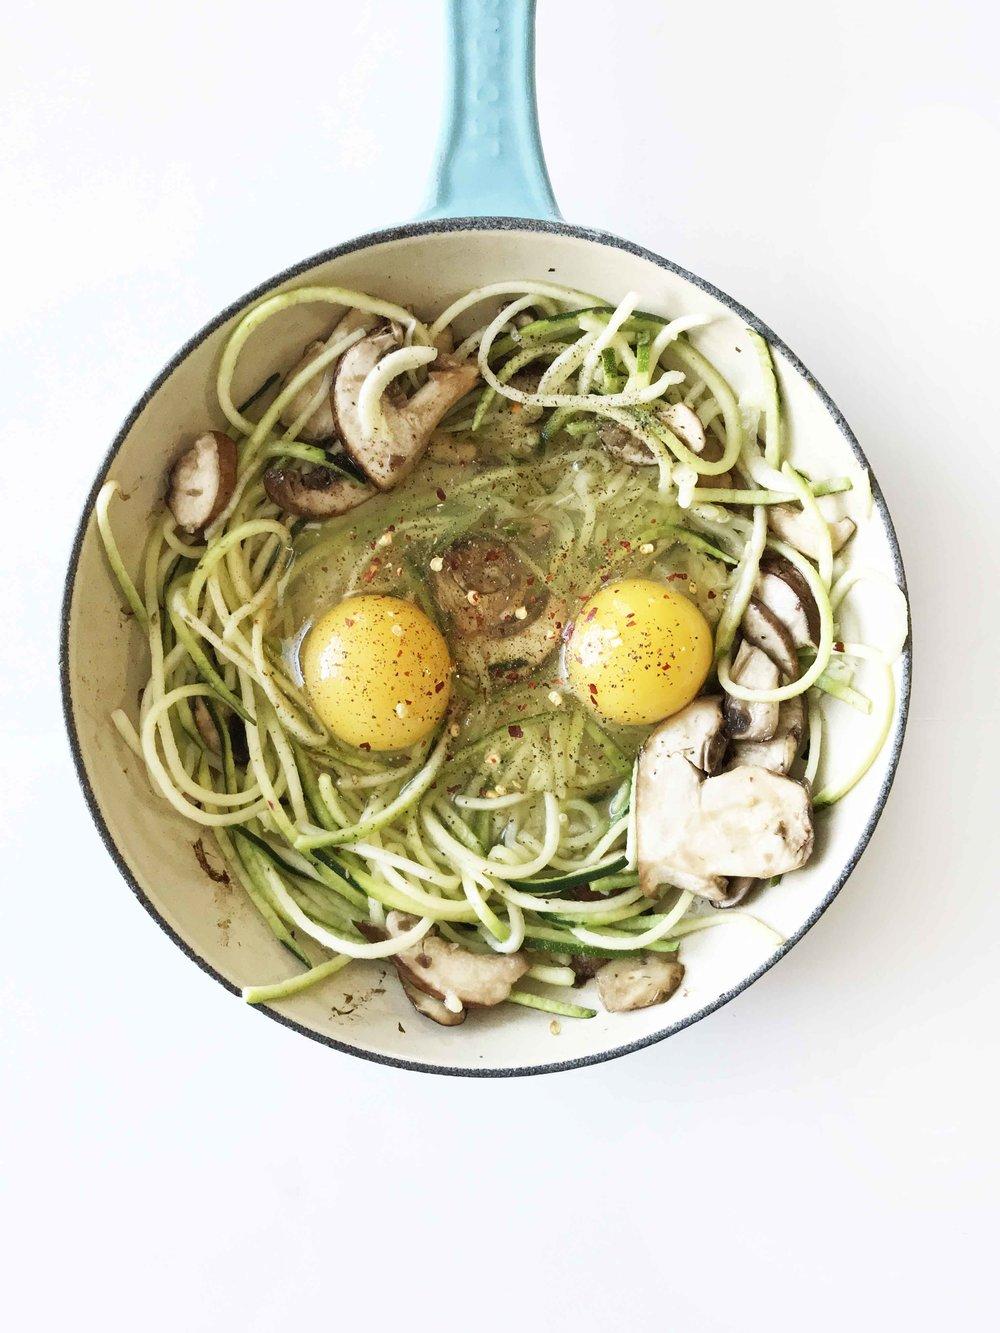 zucchini-nest-eggs3.jpg